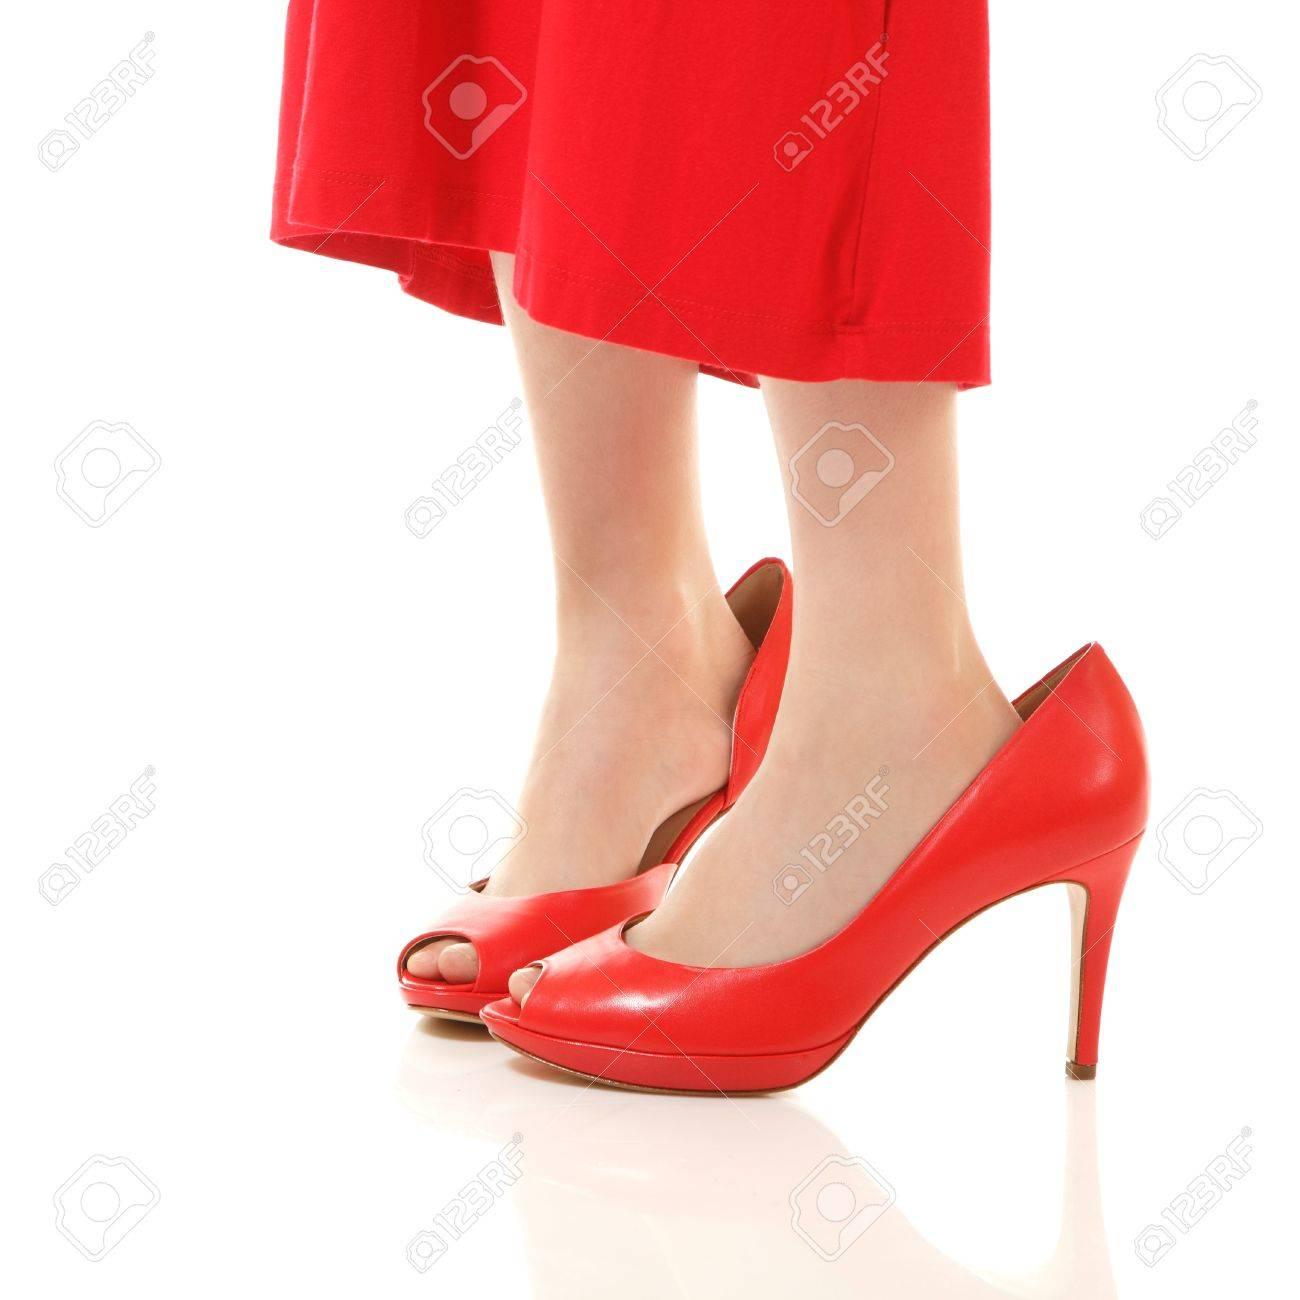 9abf655b269172 Stockfoto - Weinig mode meisje in moeder rode jurk en schoenen is op hoge  hakken